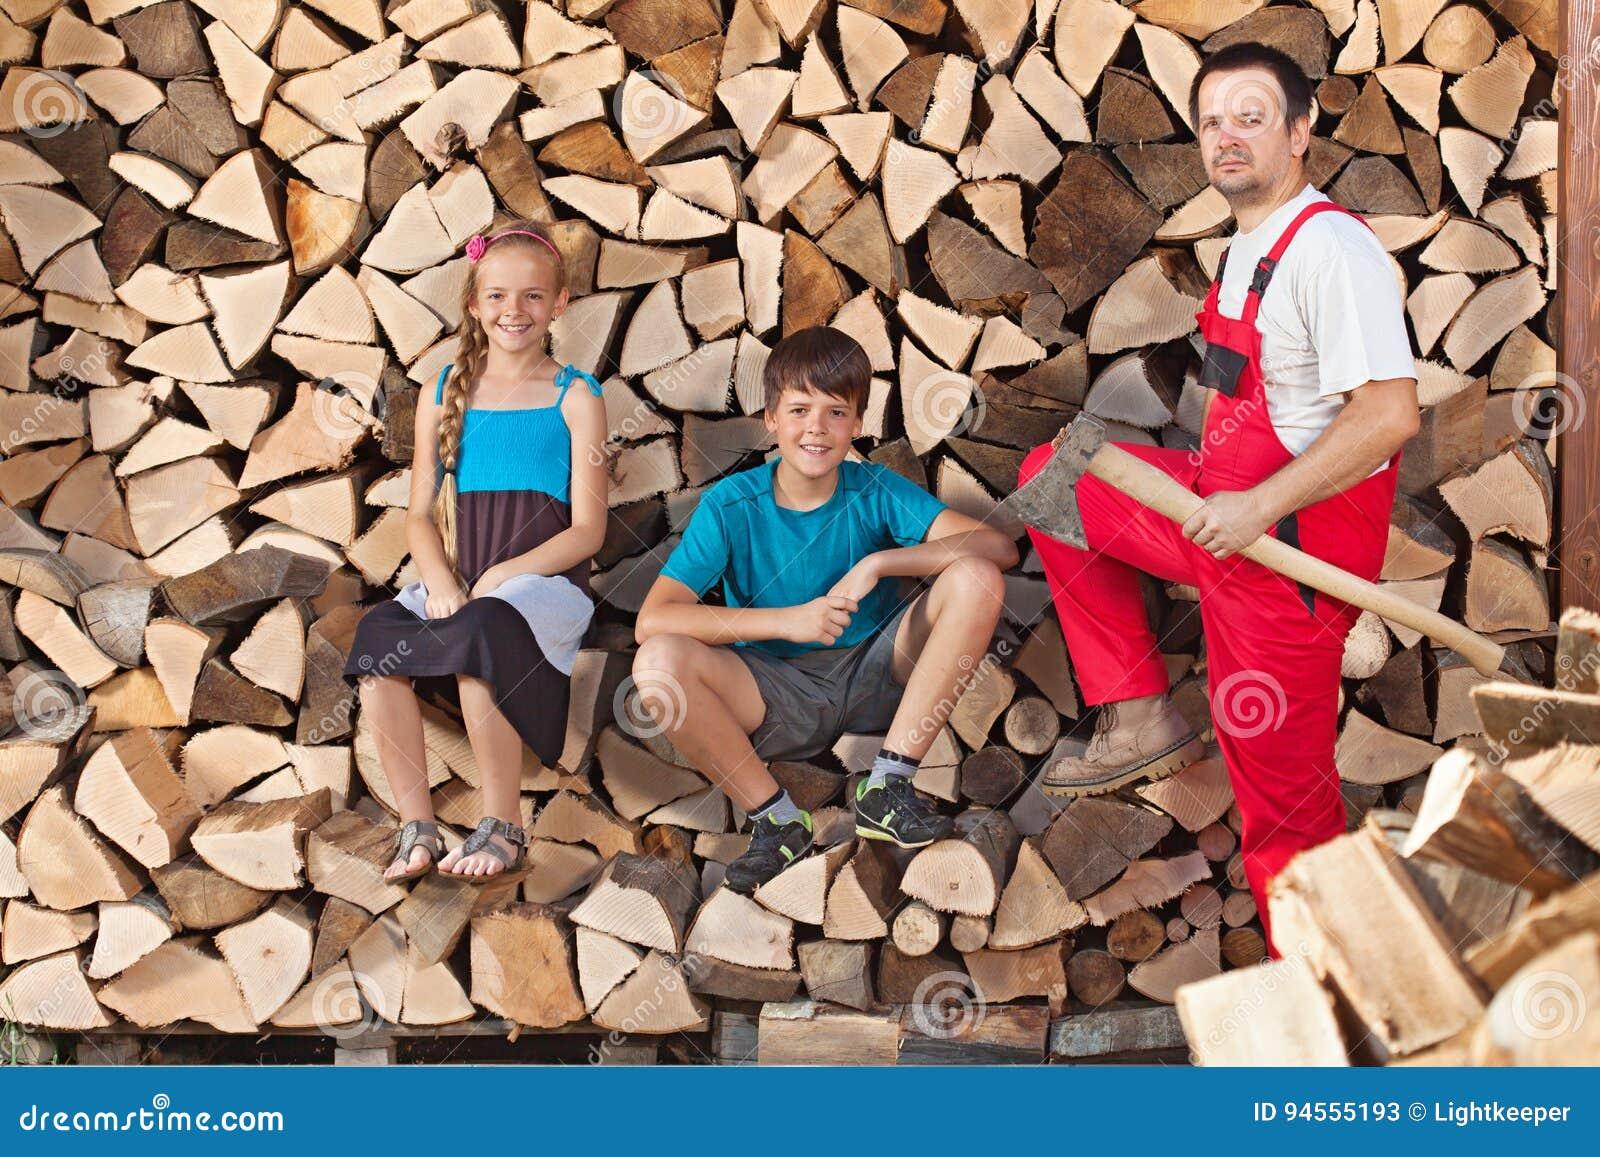 Ο πατέρας και τα παιδιά προετοιμάστηκαν να τεμαχίσουν το καυσόξυλο και να το συσσωρεύσουν σε ένα wo